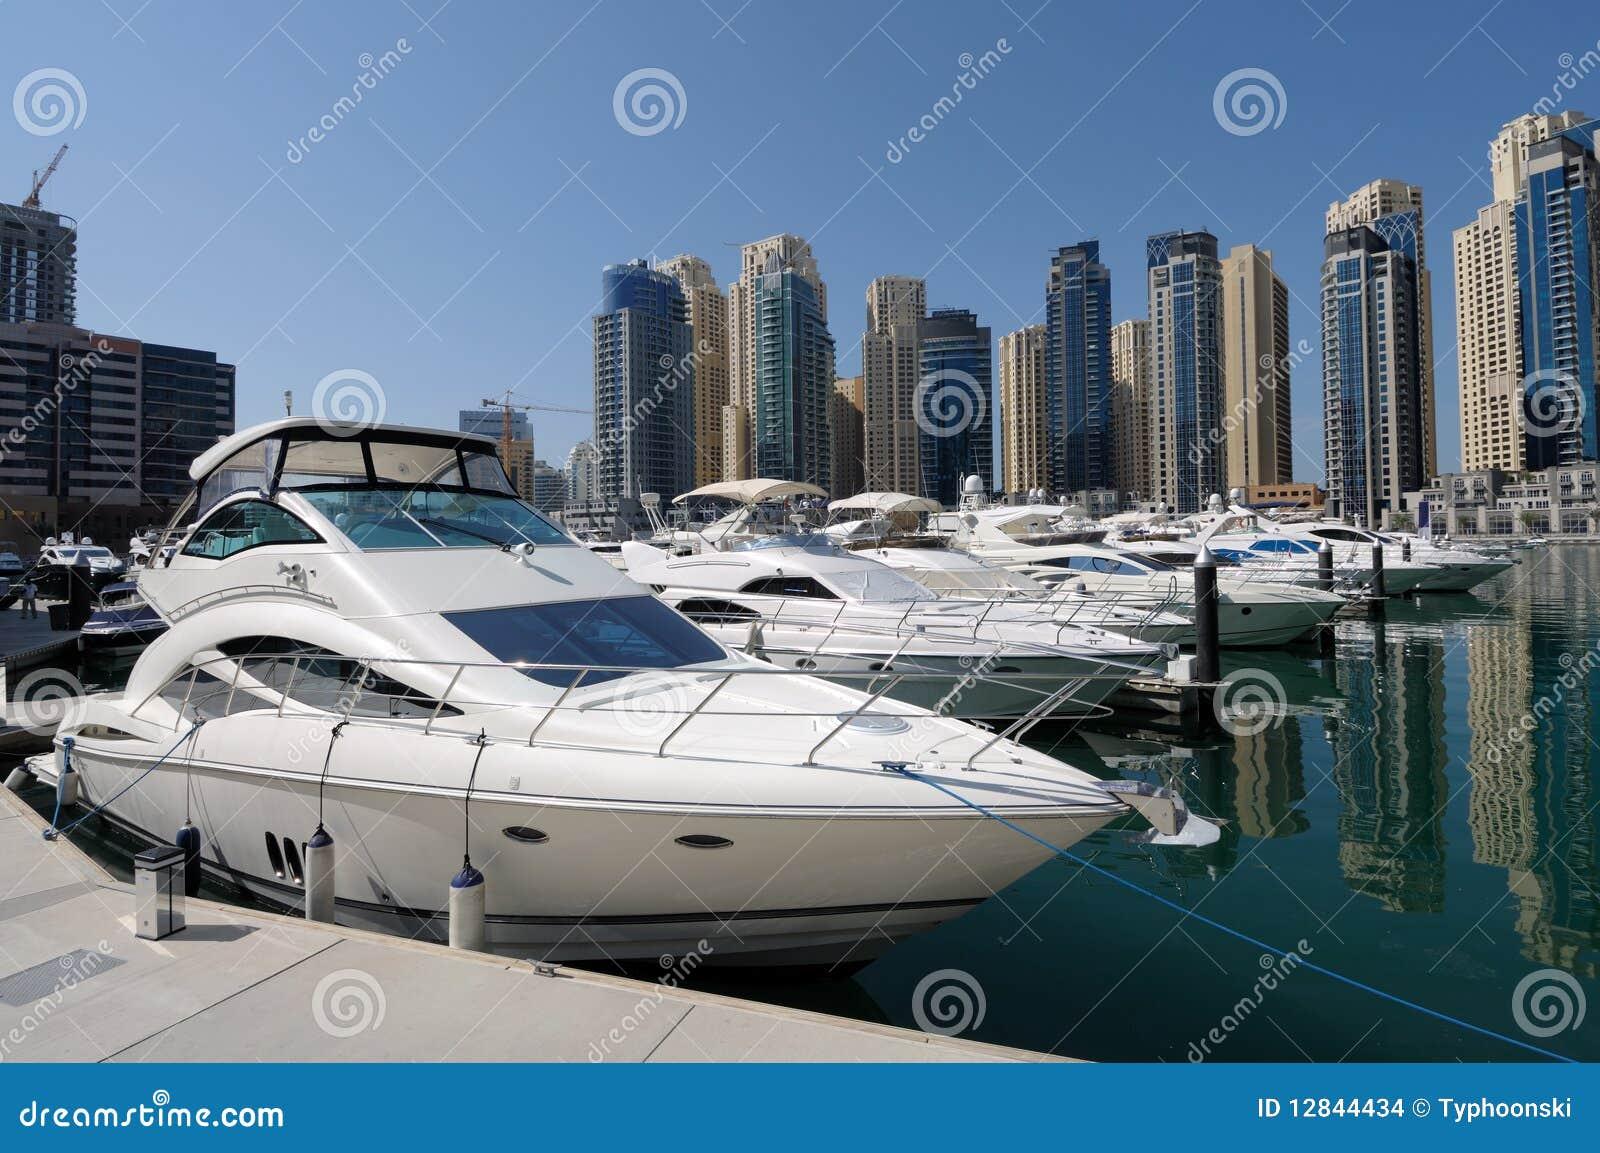 Luxury yachts at dubai marina stock images image 12844434 for Luxury hotels in dubai marina